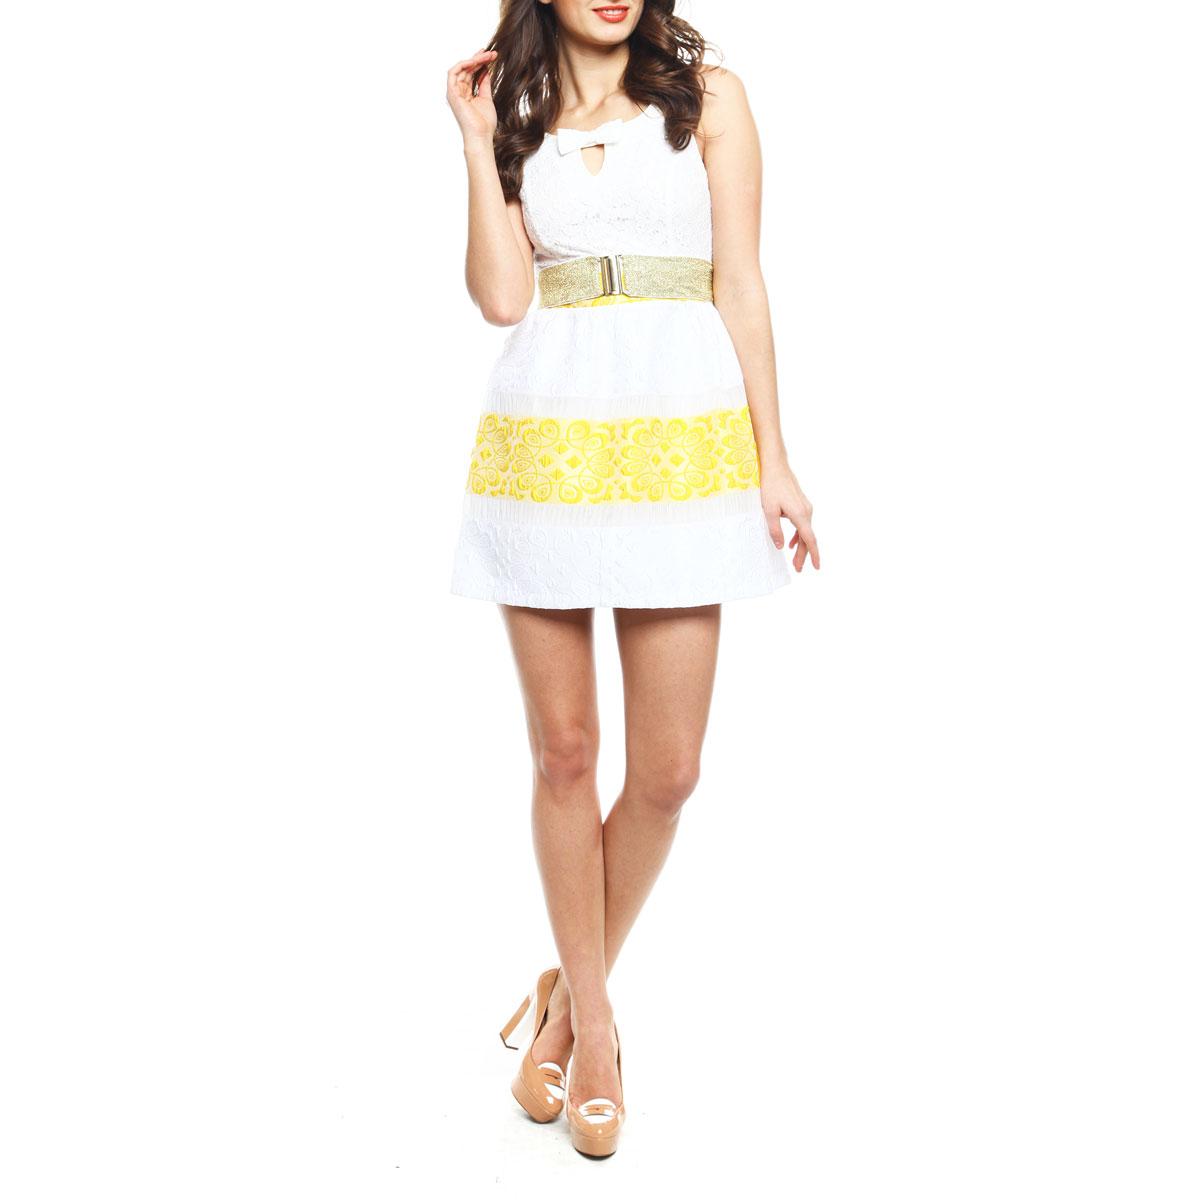 Платье. 8074-150126TT8074-150126TT white-neon pinkЭффектное платье Topsandtops, изготовленное из высококачественного материала, придется по душе любой моднице. Модель на широких бретелях с круглым вырезом горловины застегивается на потайную застежку-молнию, расположенную в боковом шве. Платье приталенного кроя с пышной юбкой идеально сядет на любую фигуру. Линия талии подчеркнута поясом-резинкой, входящим в комплект. Верхняя часть платья выполнена из нежного гипюра. Спереди лиф оформлен V-образным вырезом на груди и кокетливым бантиком. На спинке - оригинальный вырез с двумя перемычками, также декорированными бантами. Юбка с фактурным узором имеет полупрозрачные вставки и выполнена в сочетании двух контрастных цветов. Юбка дополнена приятной подкладочной тканью. Яркое платье - идеальный вариант для создания незабываемого образа.